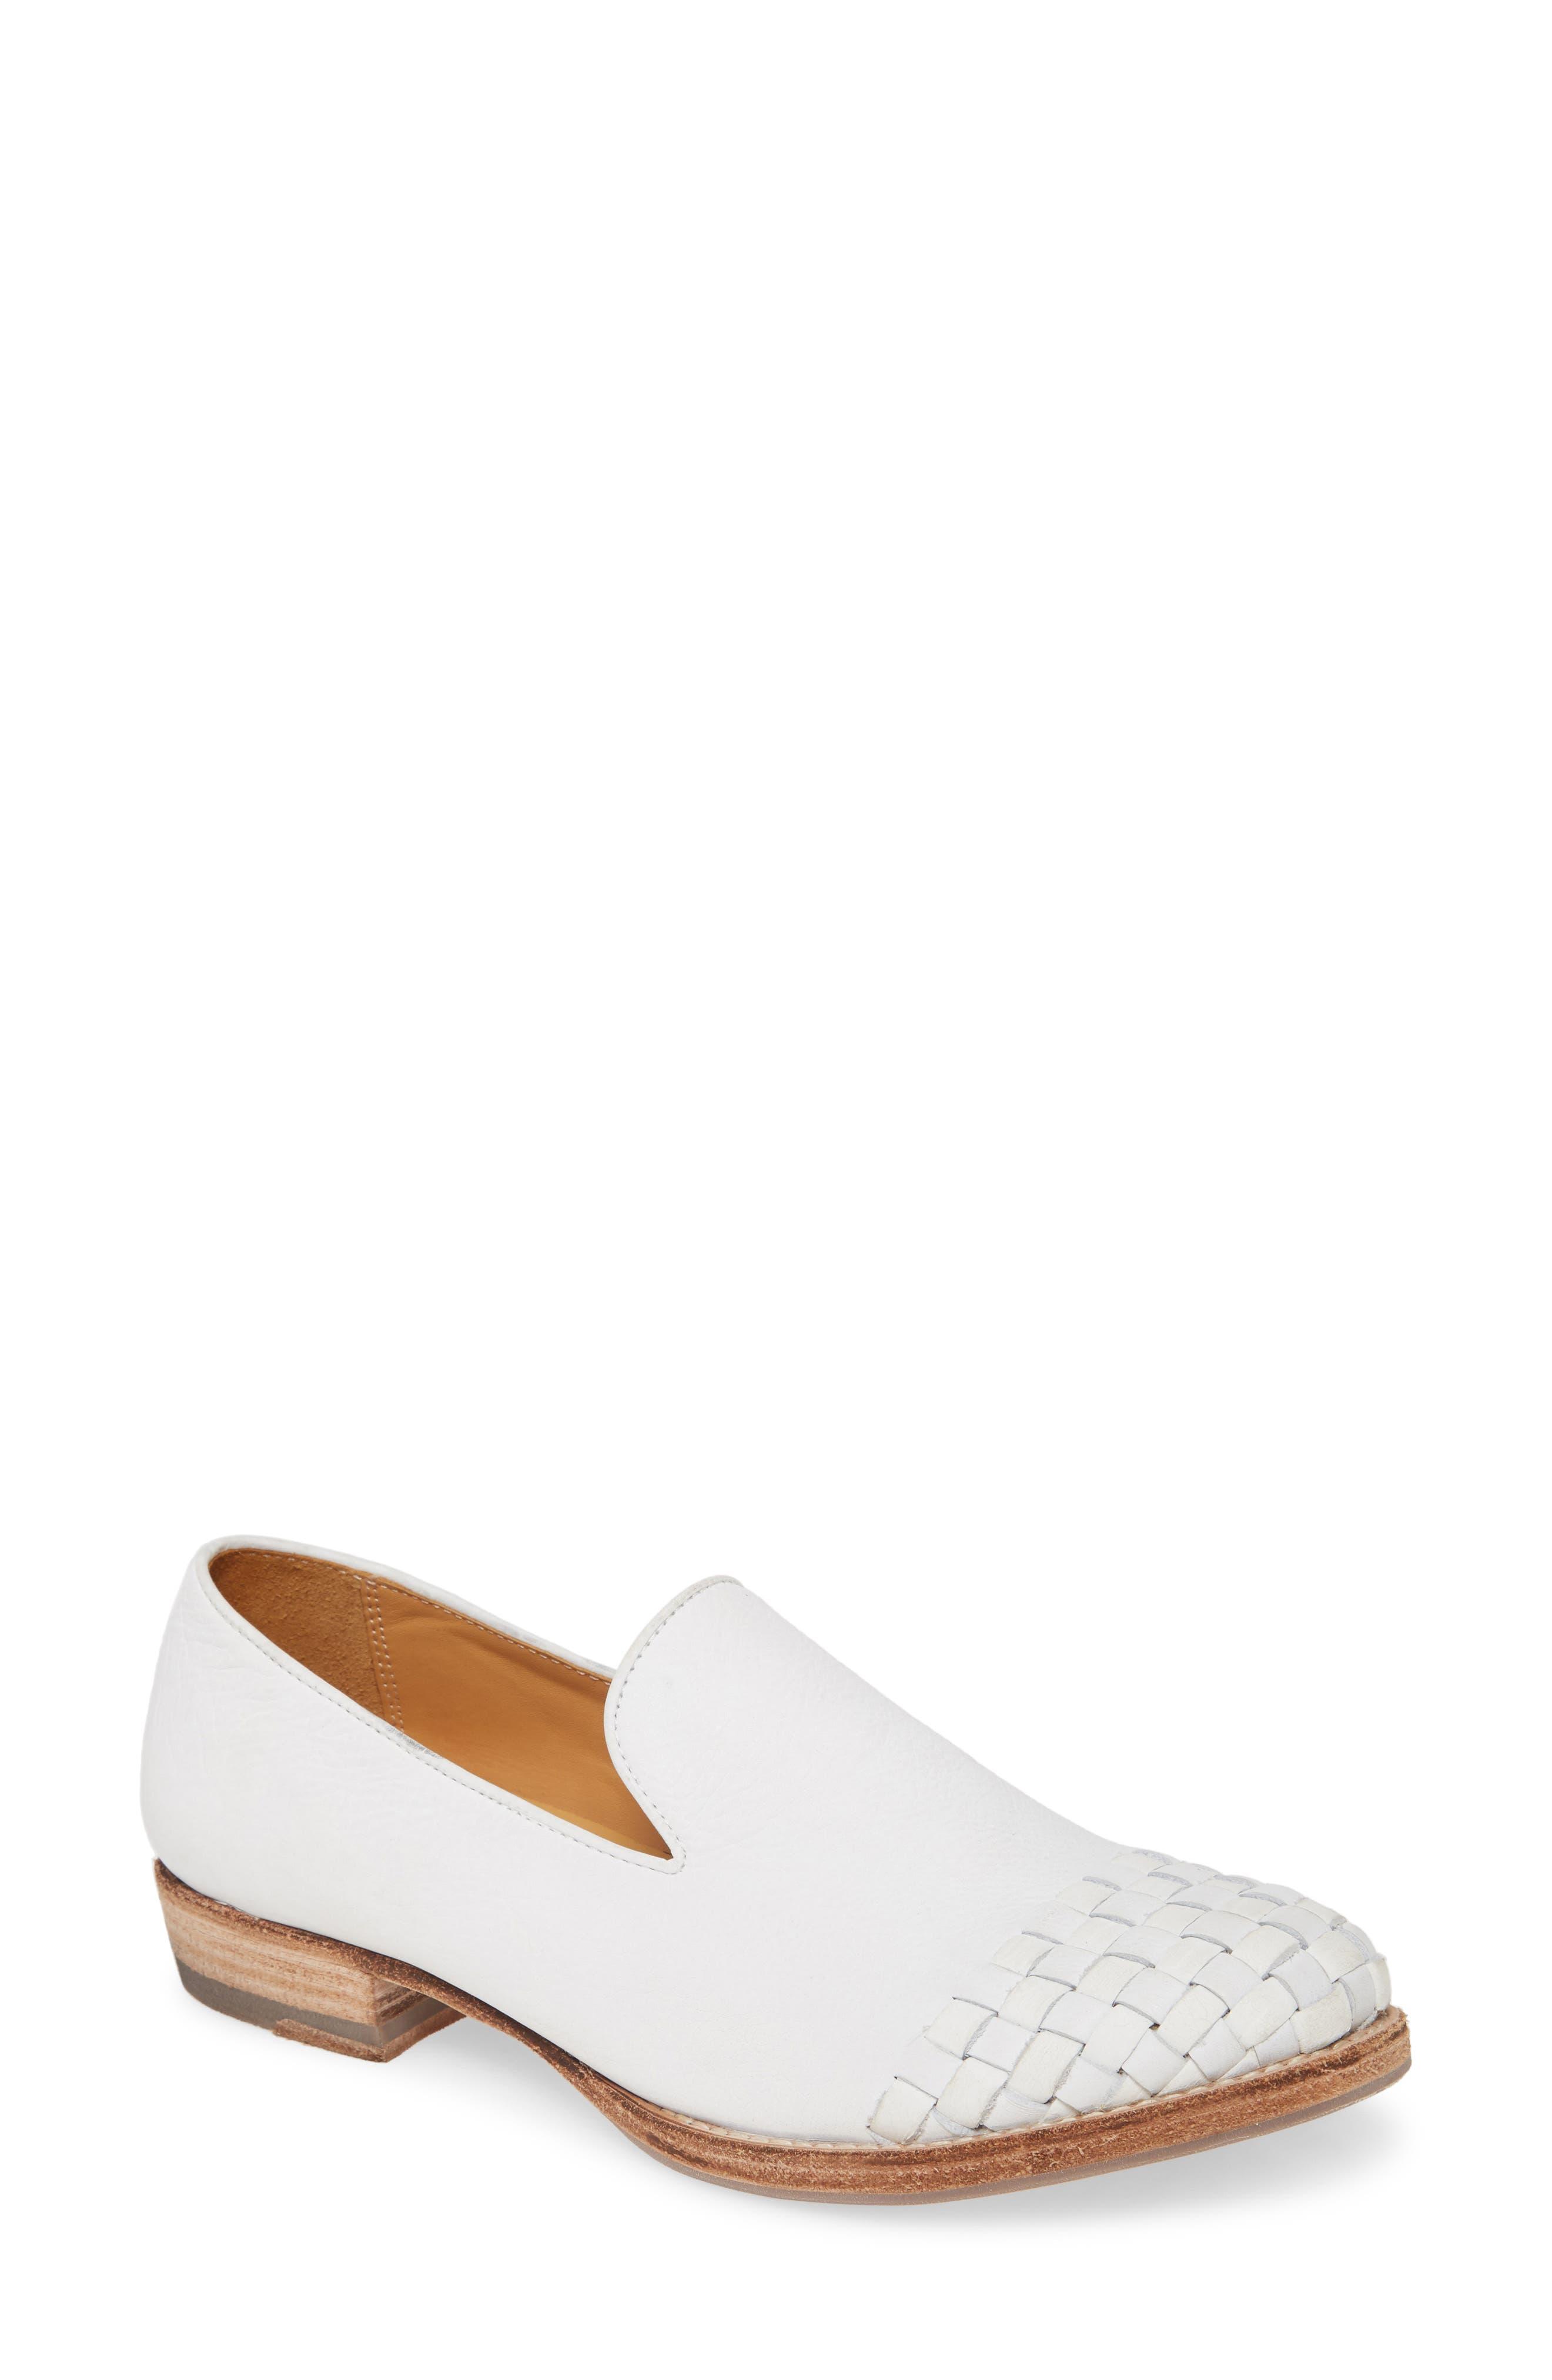 Hl58 Loafer